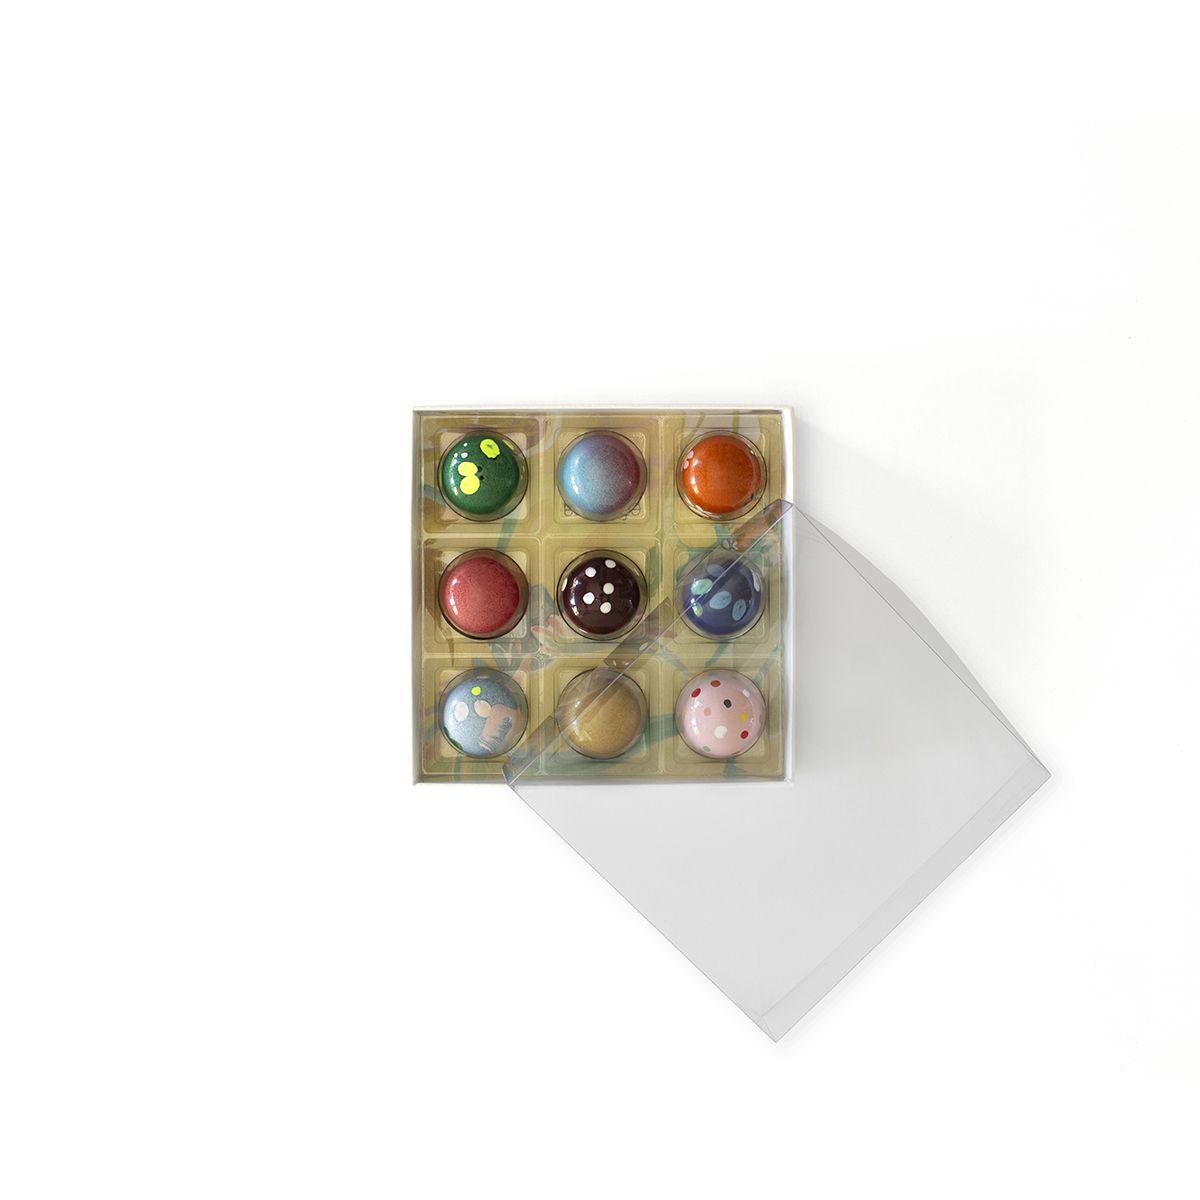 La caixa de 9 bombons love efímera FOTO: Cedida